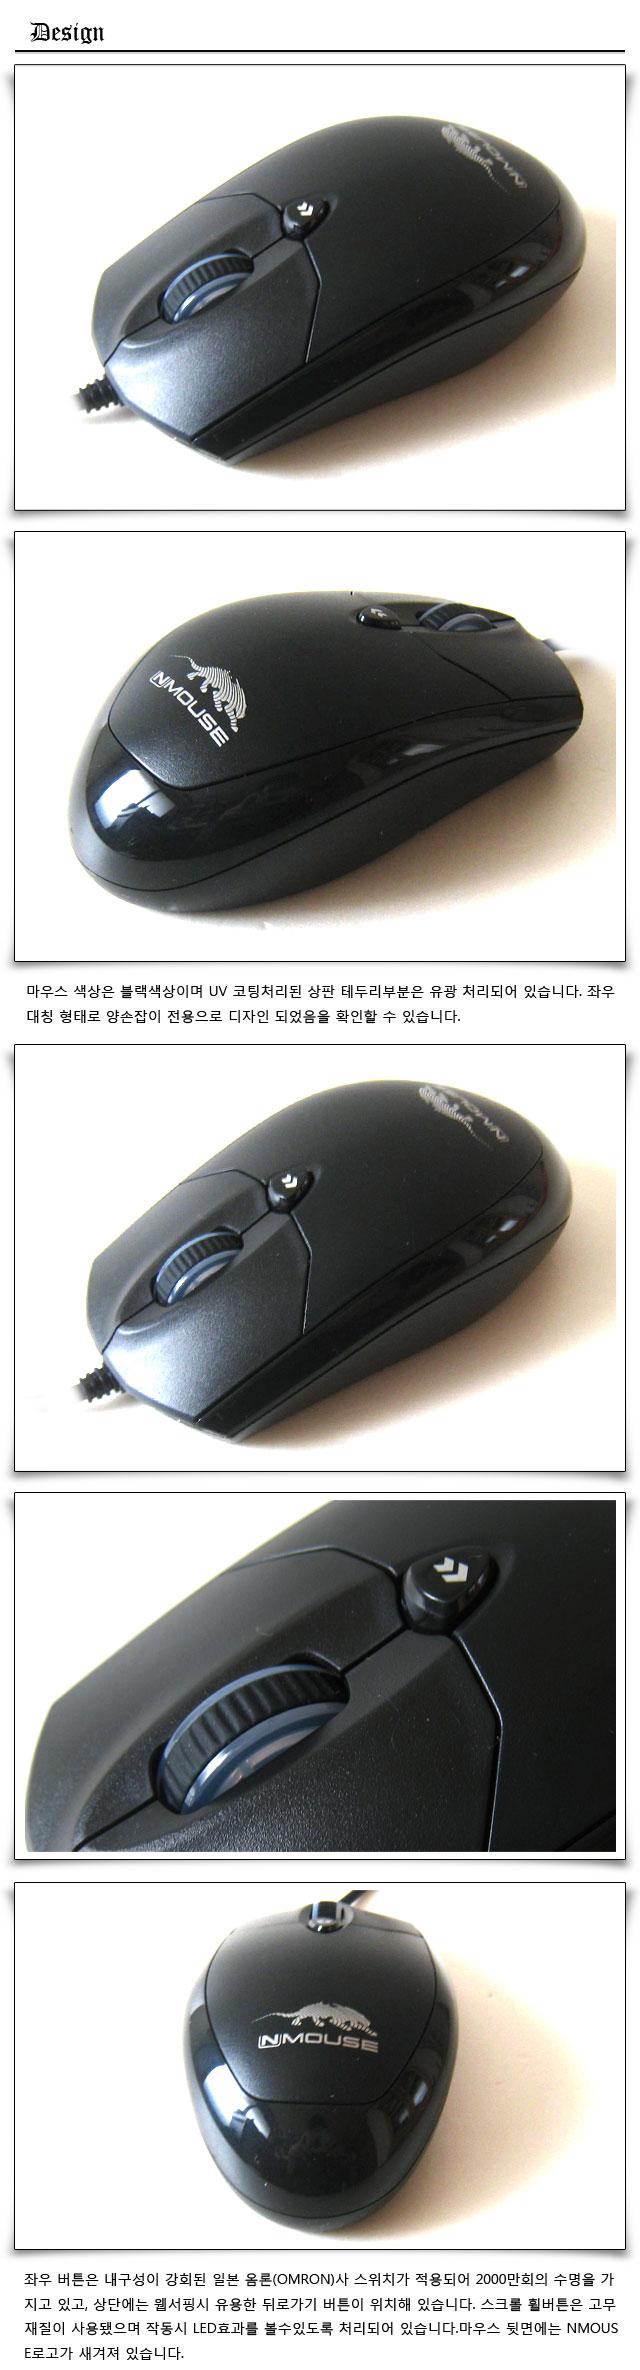 mk4_04.jpg